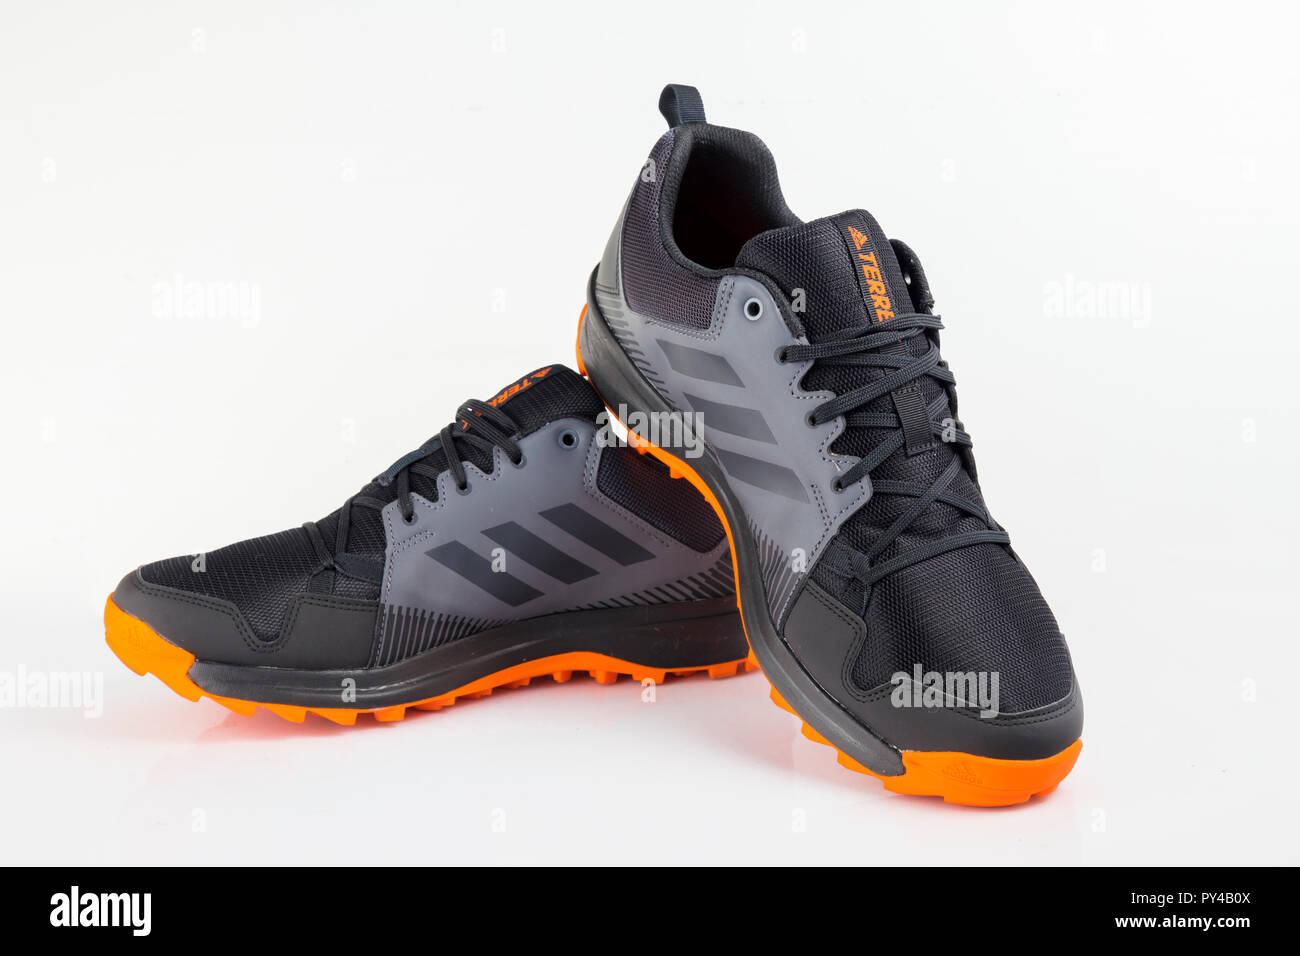 finest selection 6a0a1 96a03 Afife, Portugal - Oktober 24, 2018: adidas Running Schuhe ...